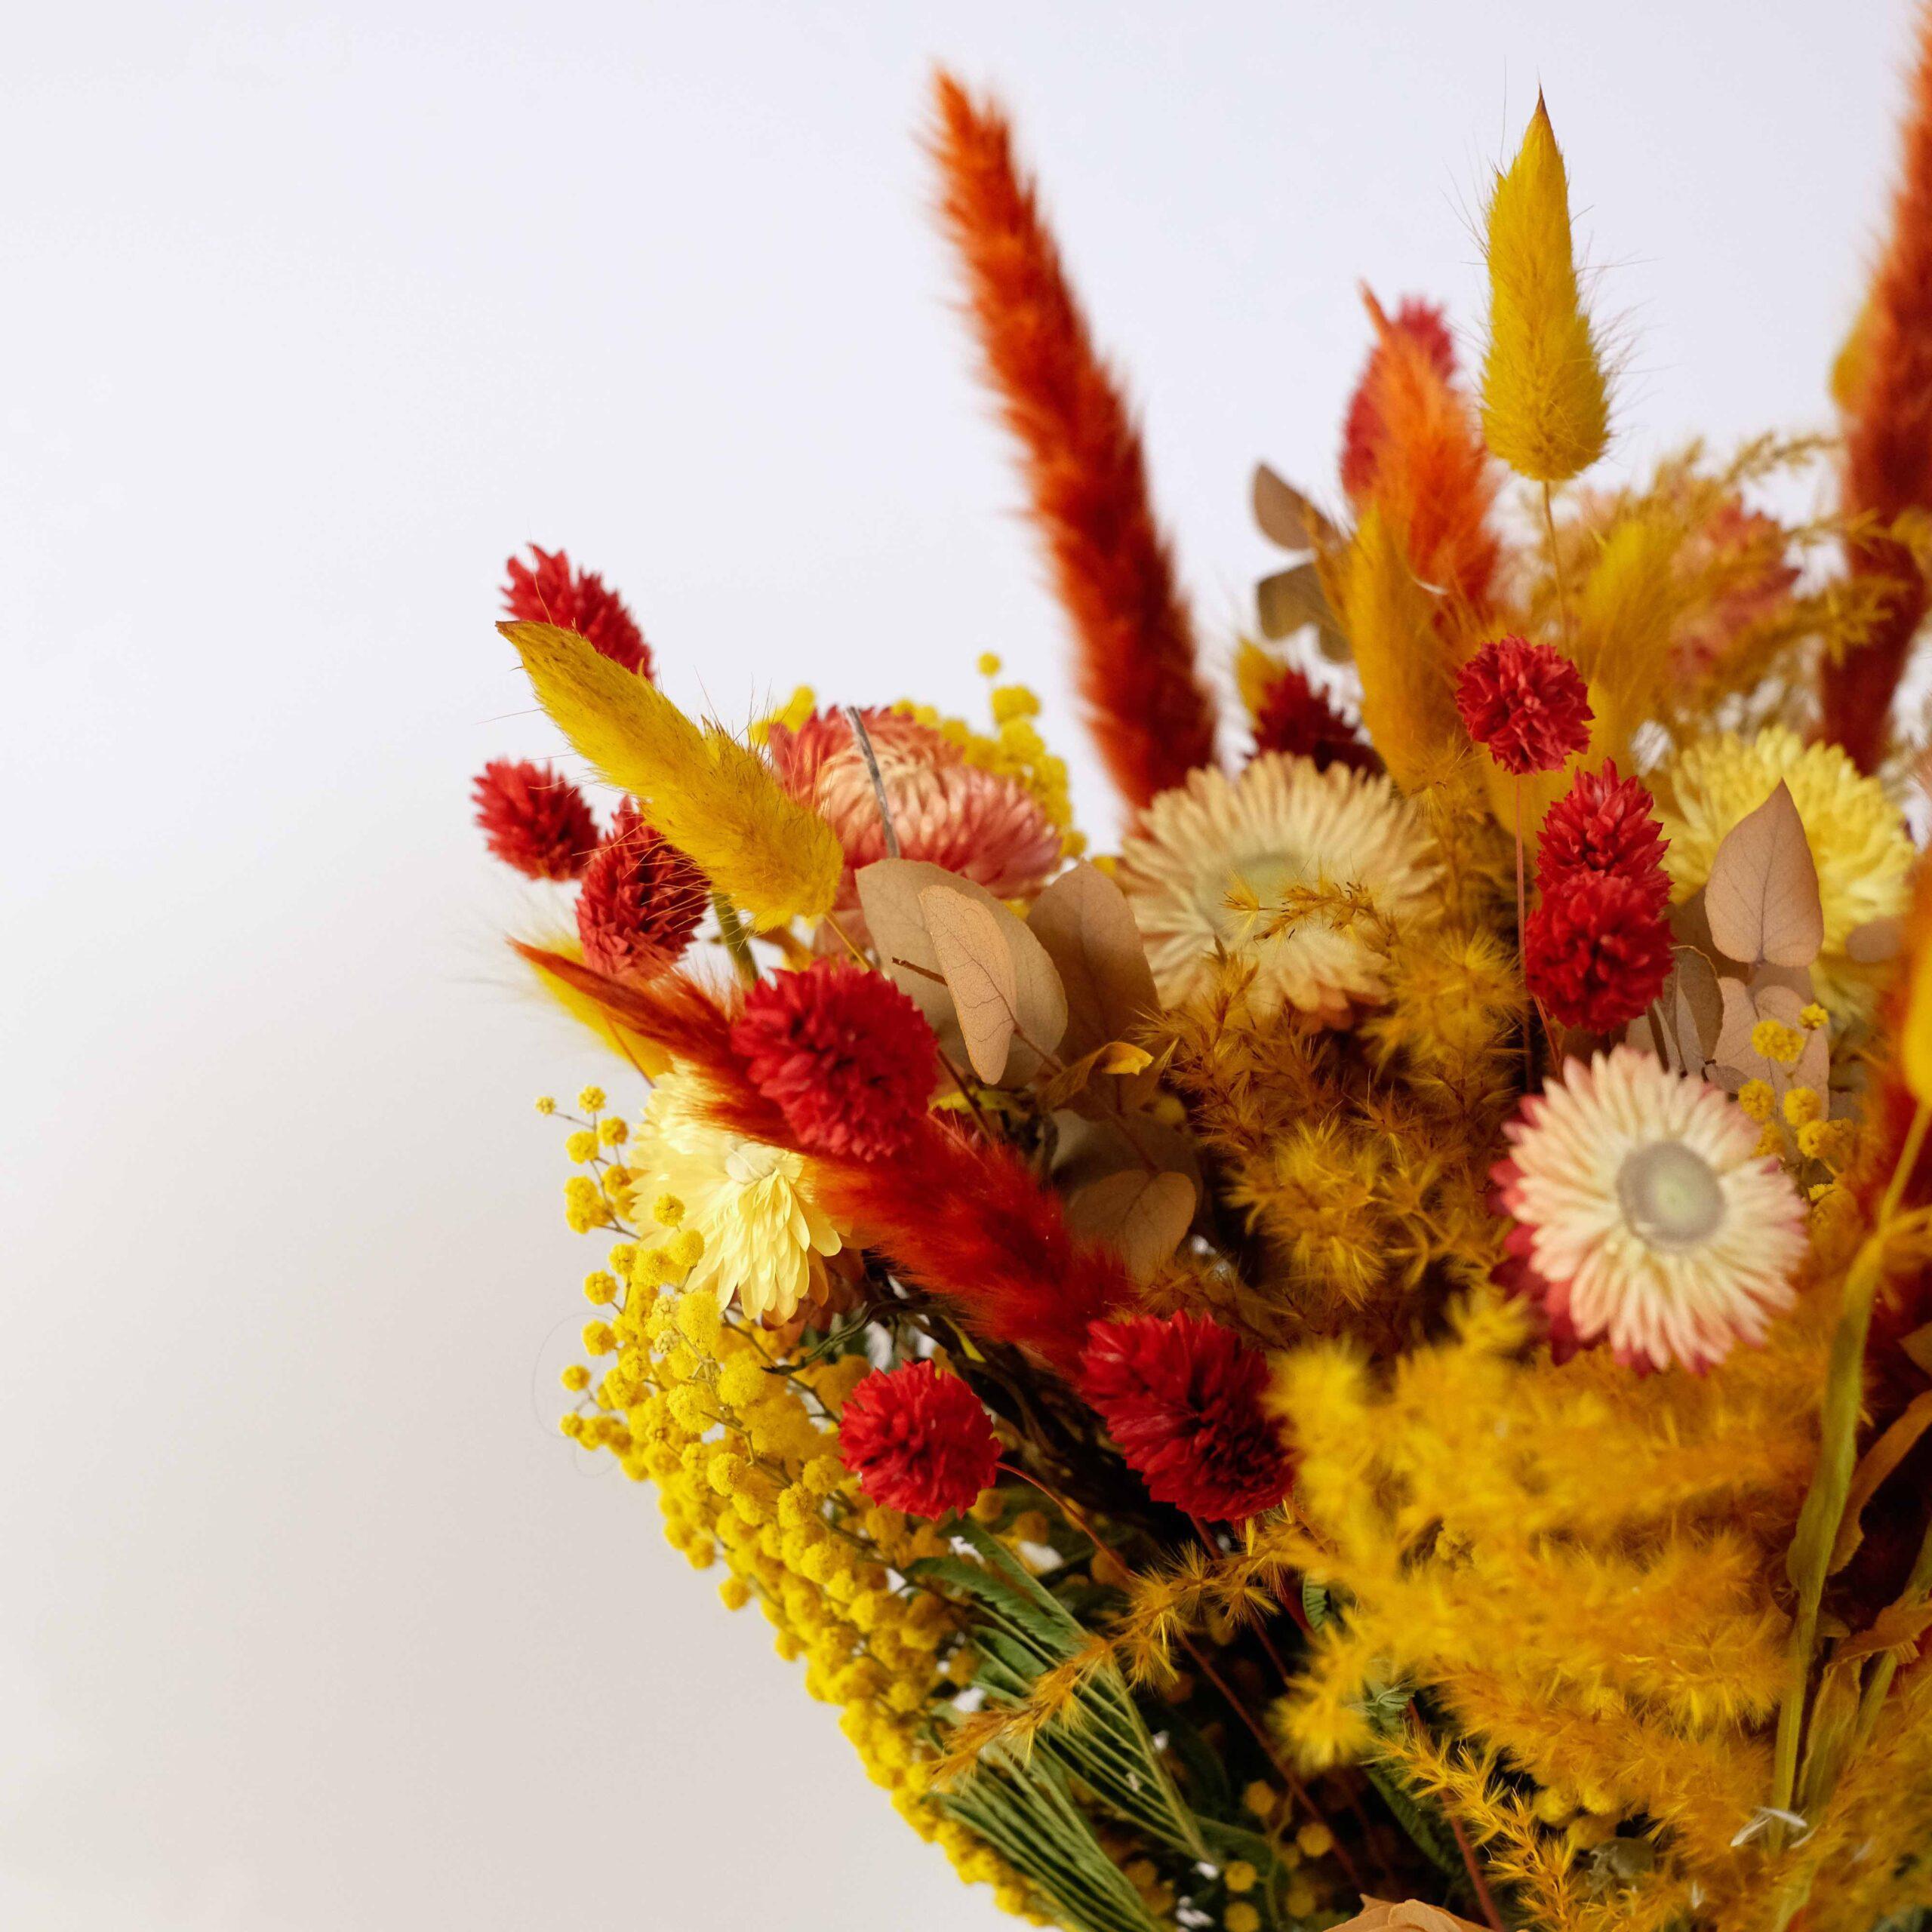 bouquet-fleurs-sechees-automne-atelier-lavarenne-fleuriste-lyon-2